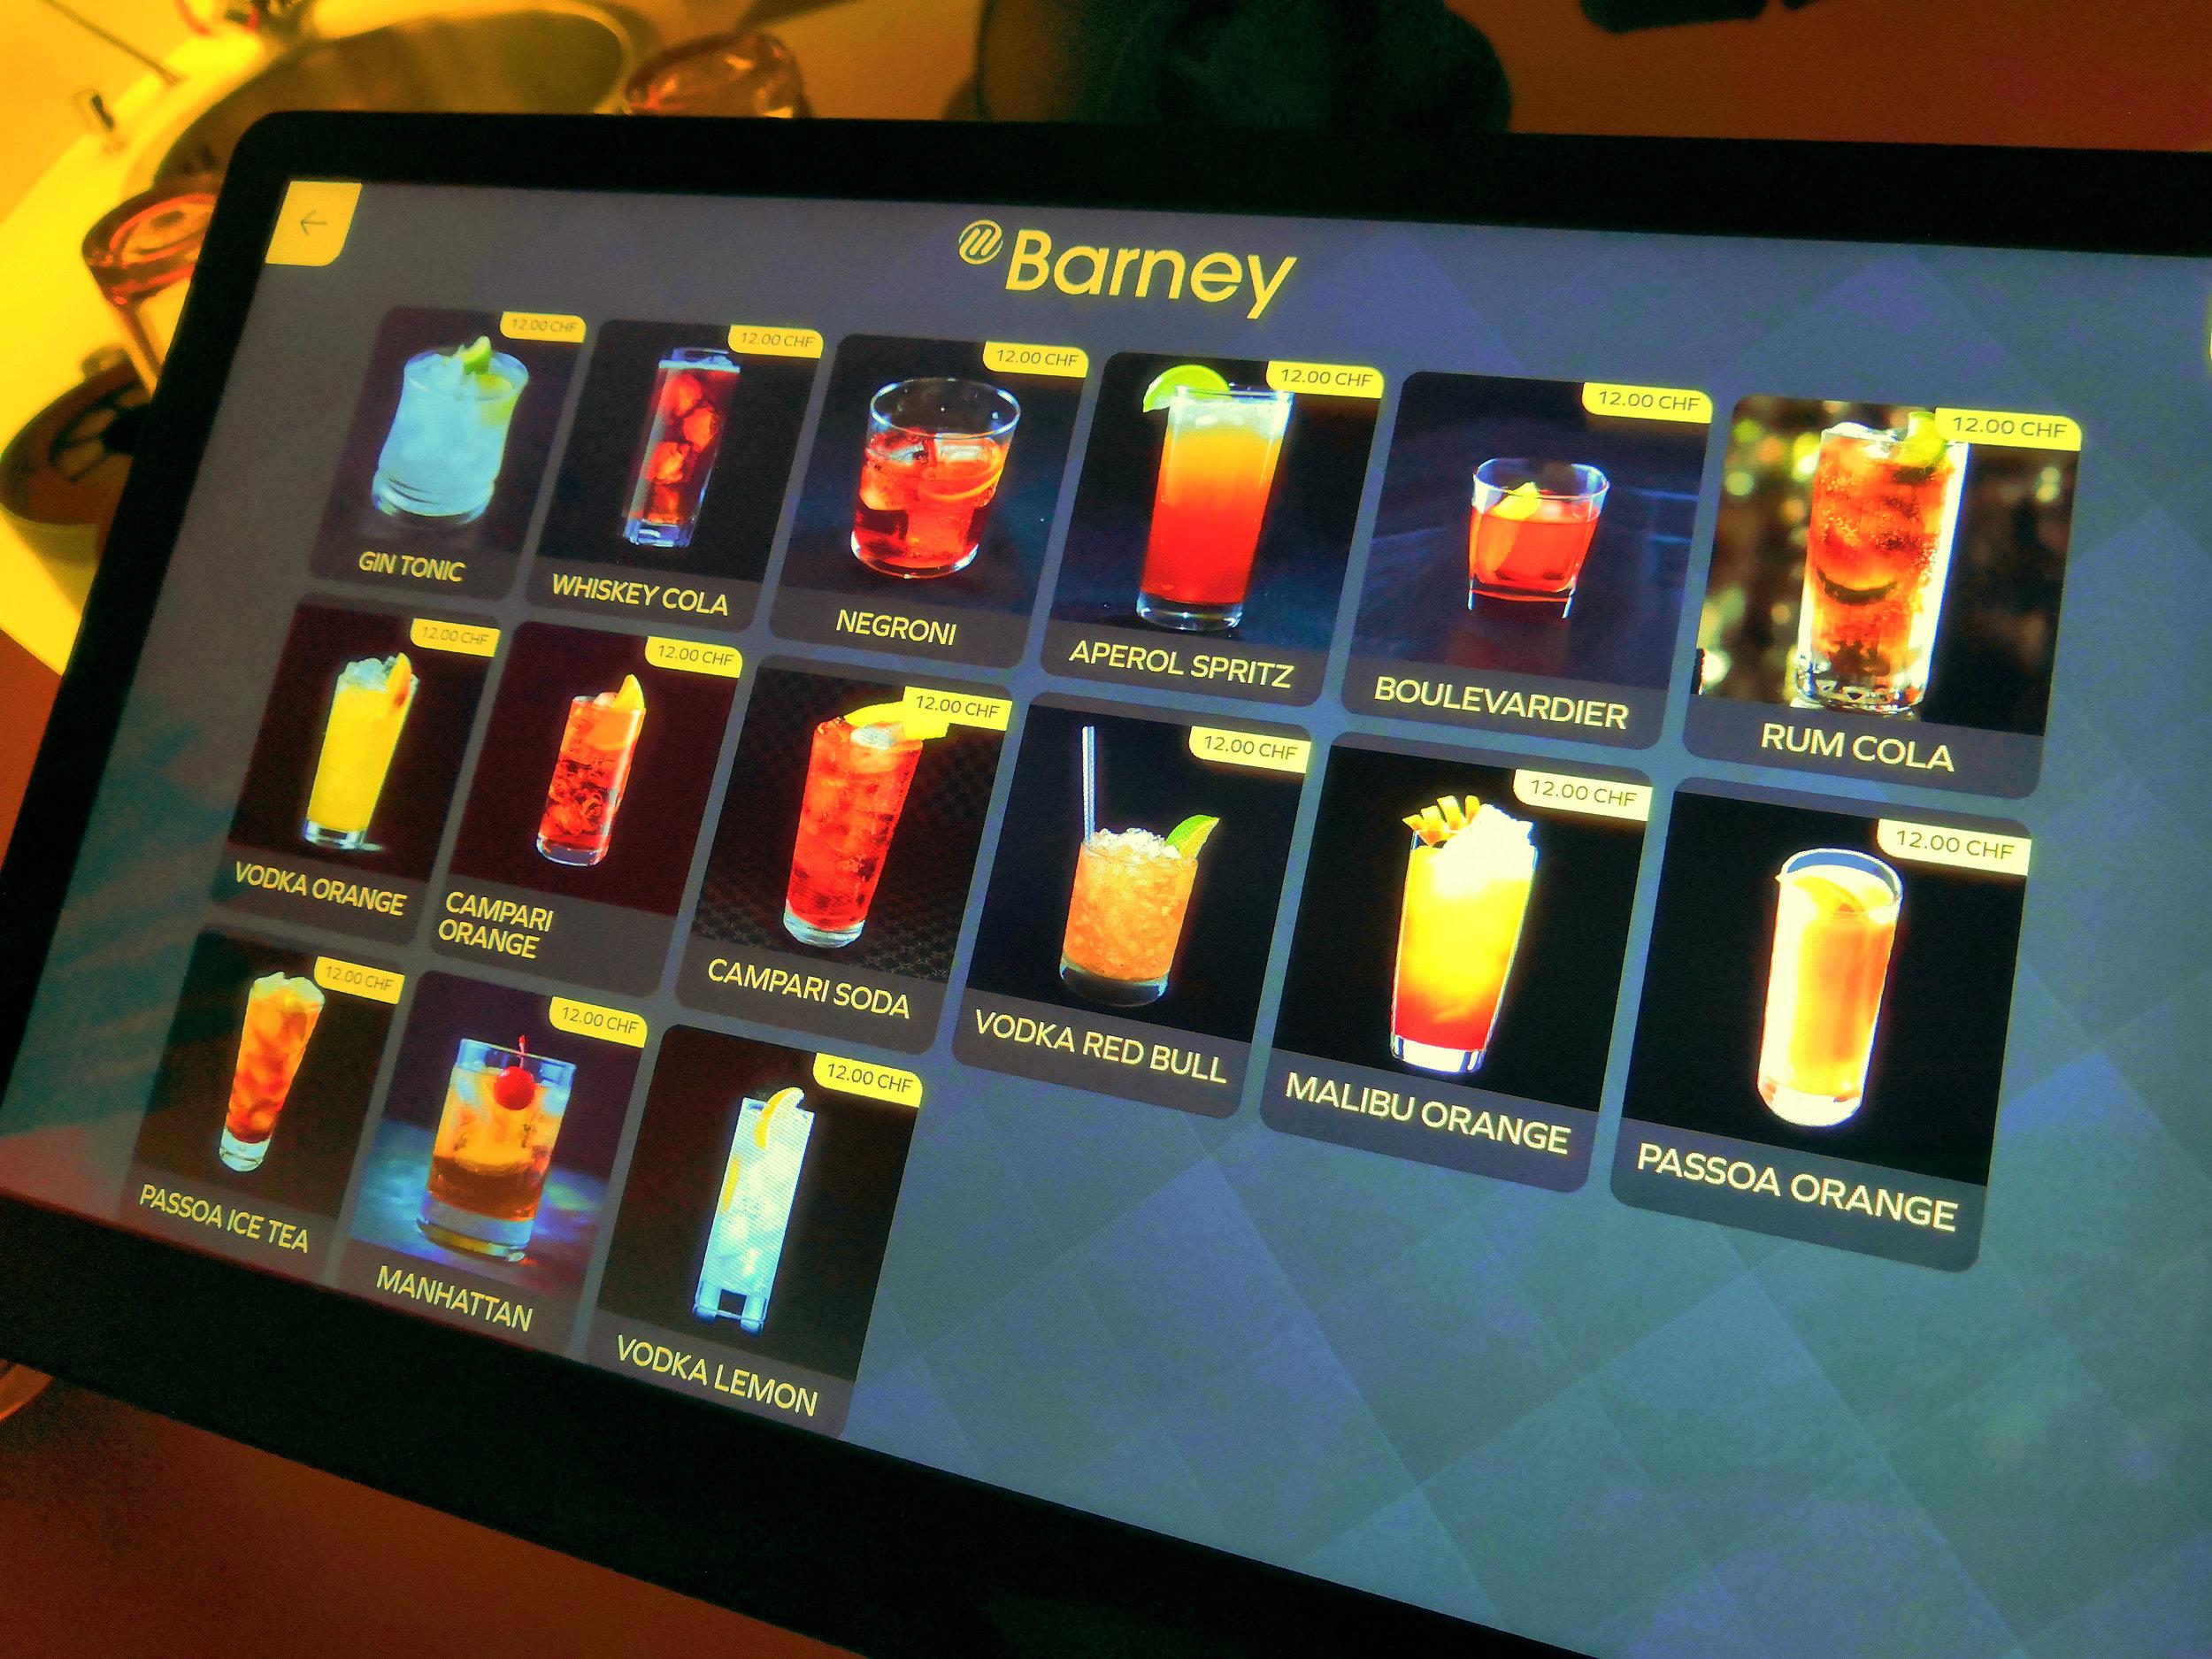 eine Auswahl von Barneys Cocktails. Quelle: Lunchgate/Jennifer